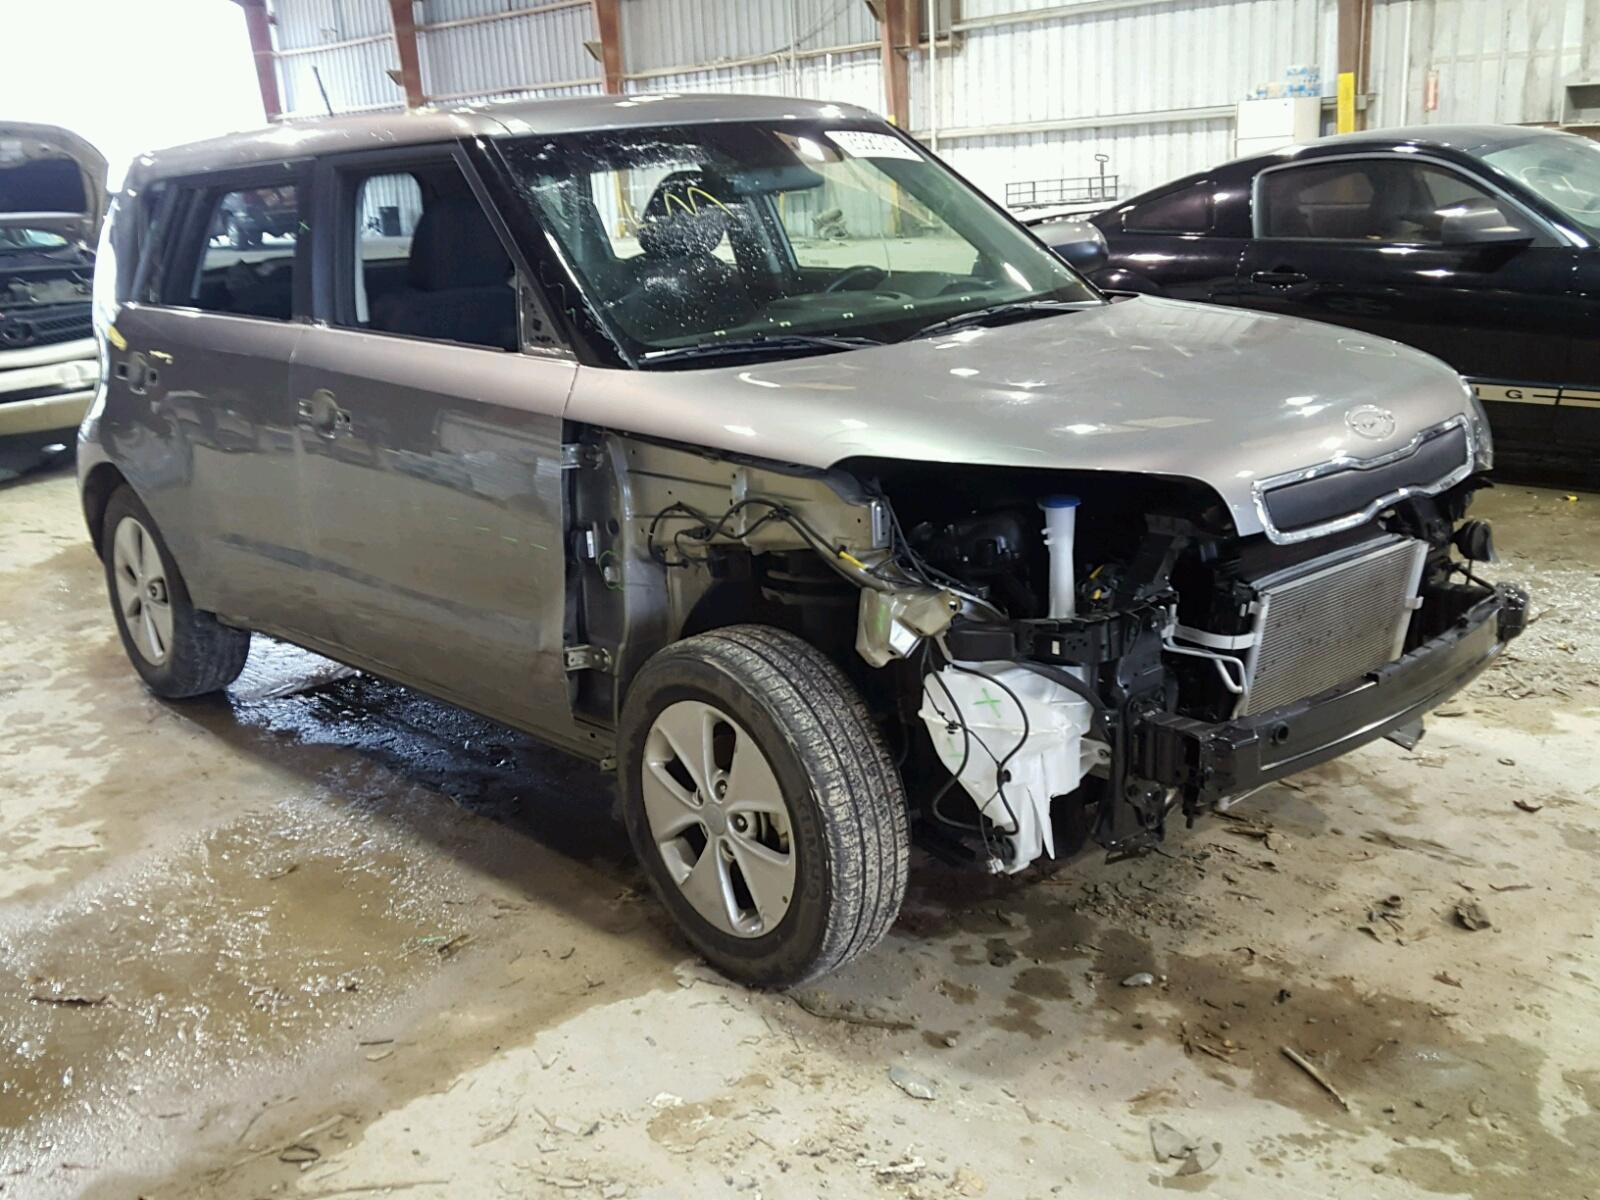 lot of online left la auto en baton carfinder view salvage sorento copart cert ex auctions kia in rouge white on title sale